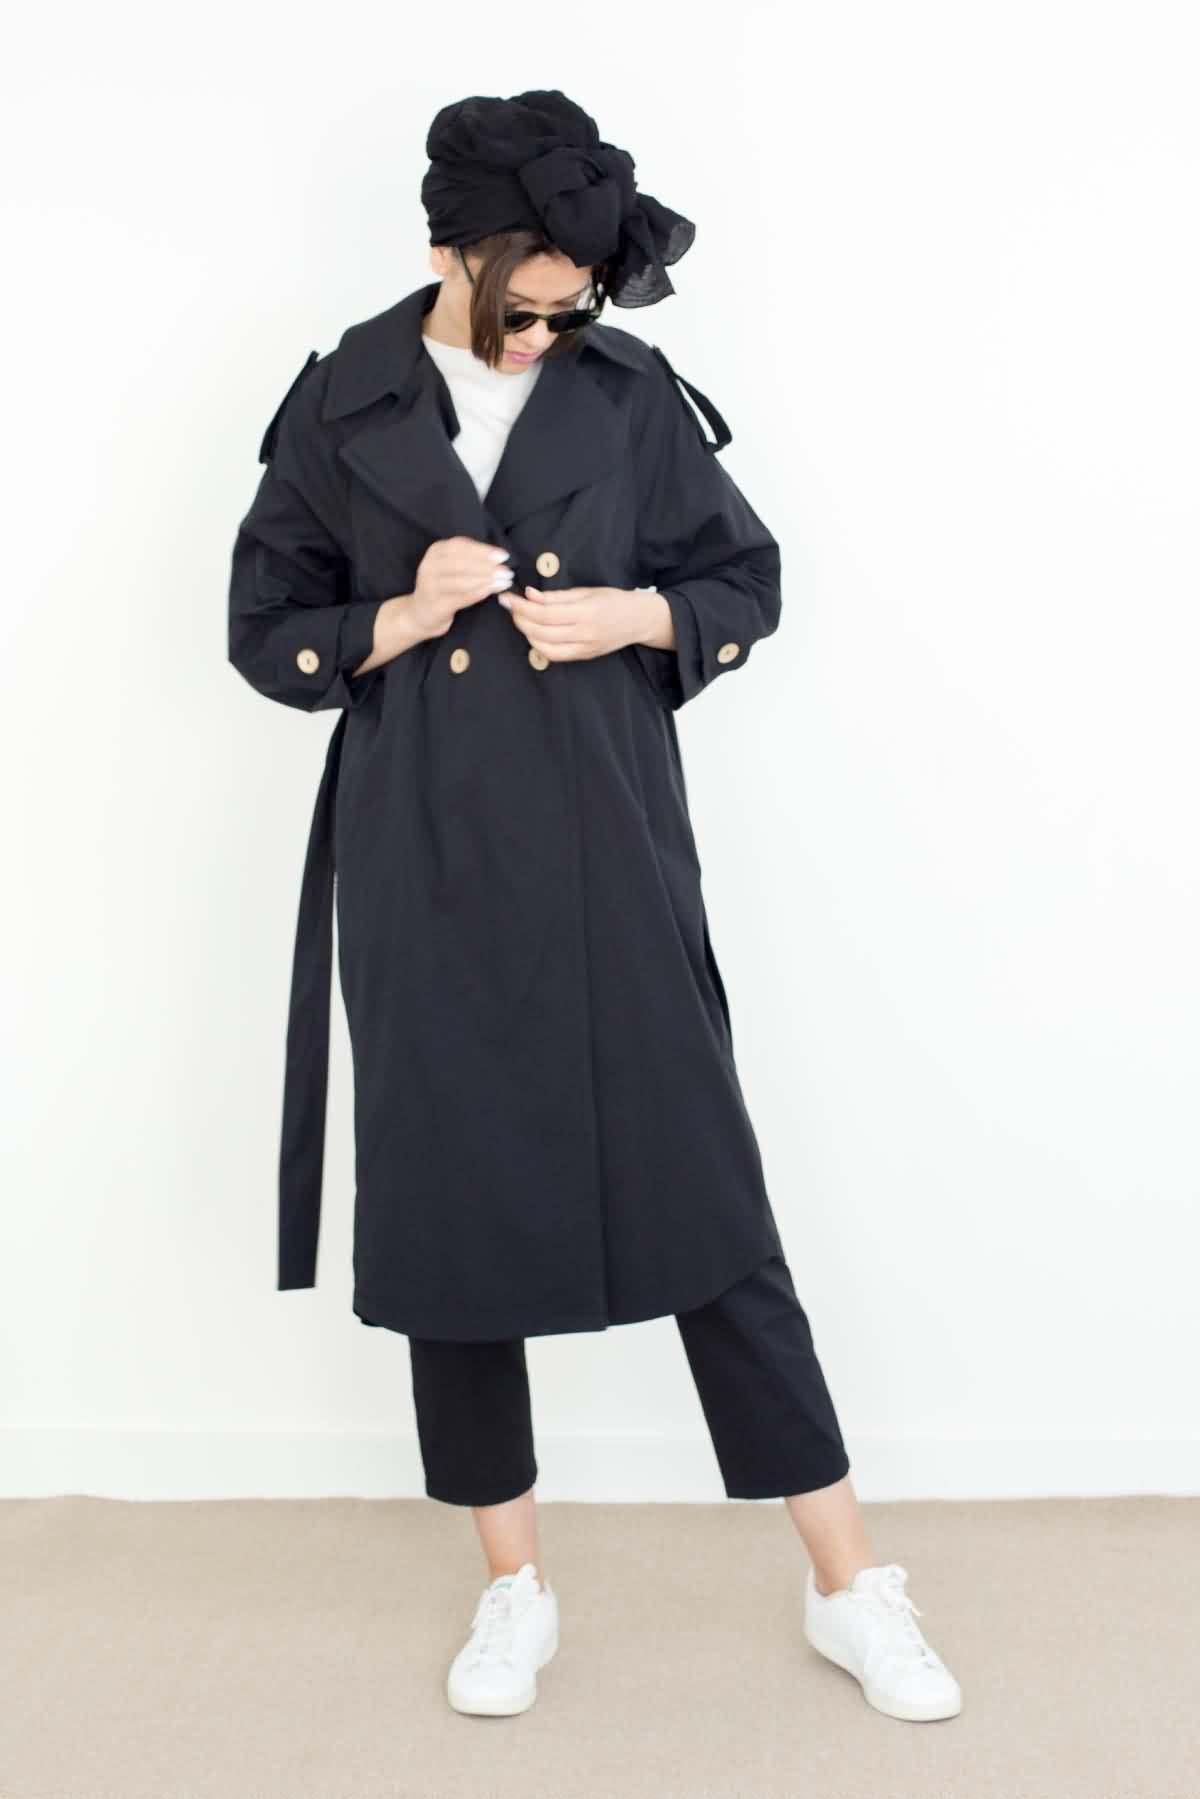 Mevra - Uzun Astarsız Trenchoat Siyah